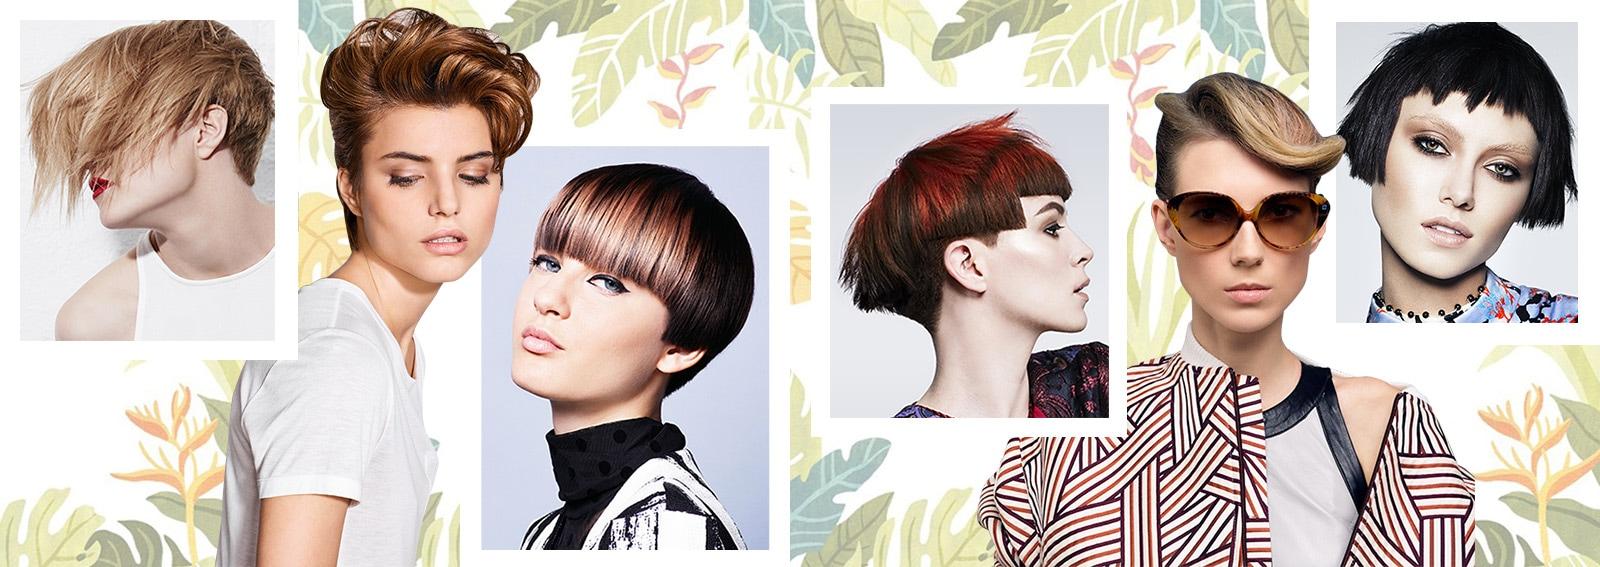 tagli capelli corti saloni primavera estate 2017 collage_desktop